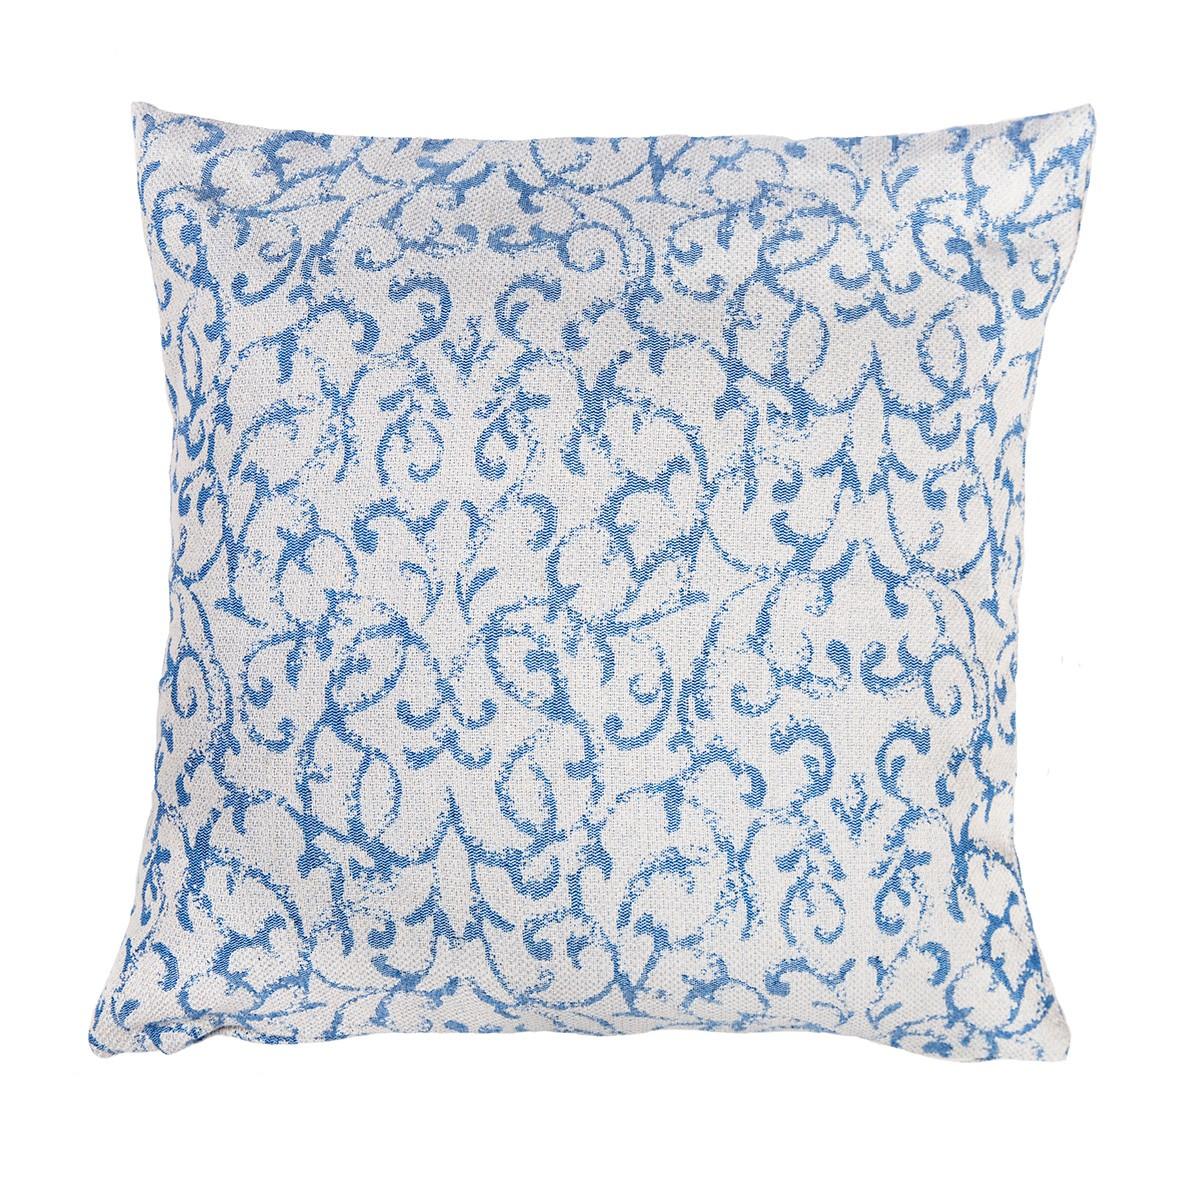 Διακοσμητική Μαξιλαροθήκη Lorenzo Santaniello Vecchio Blue